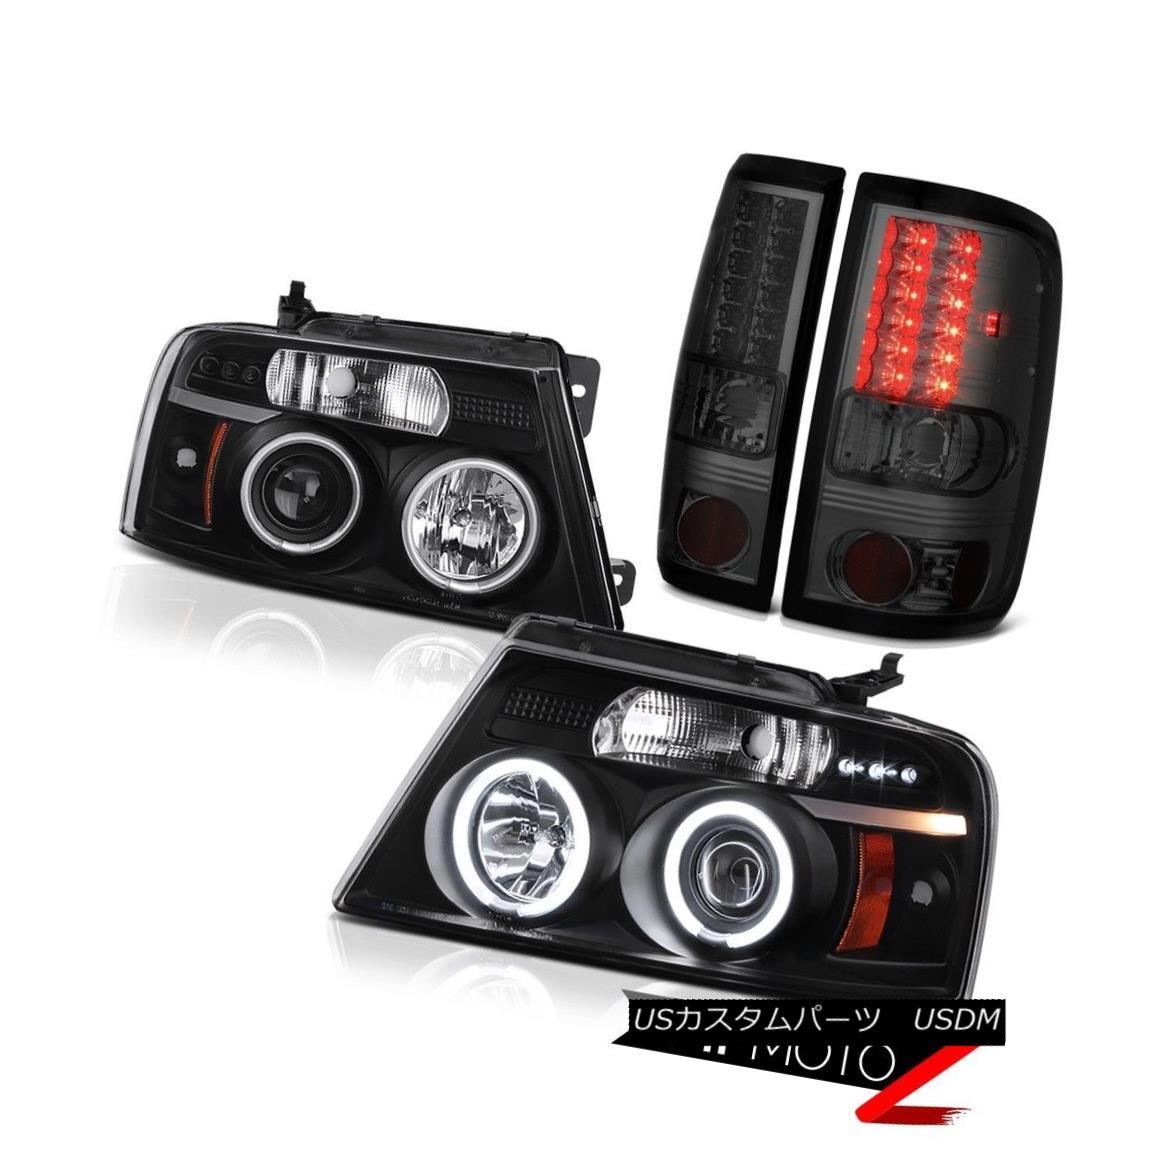 テールライト 2004-2008 Ford F150 Truck CCFL Halo Rim Black Headlights LED Smoke Taillights 2004-2008フォードF150トラックCCFLハローリムブラックヘッドライトLEDスモークテイルライト